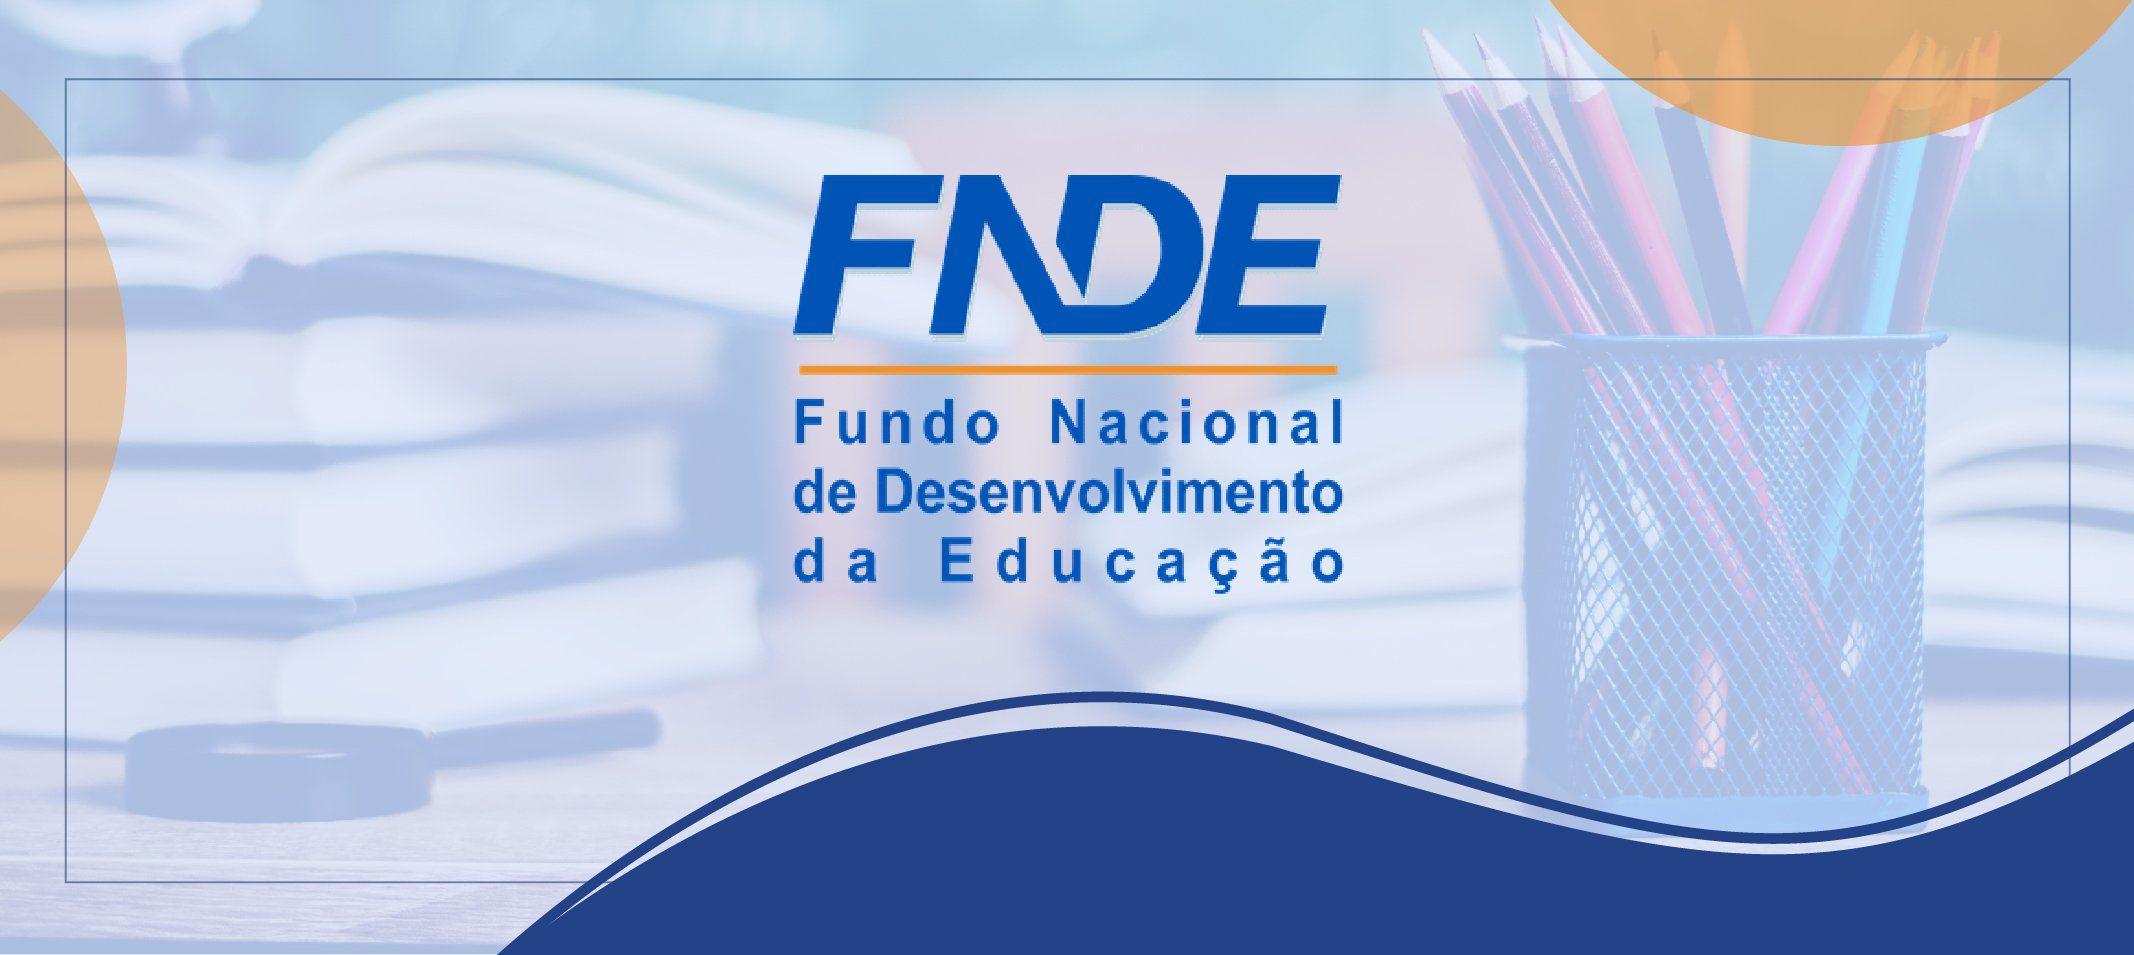 Ufam é a única instituição do Norte selecionada para ser Centro Colaborador em Materiais Didáticos e de Apoio à Prática Educativa (Cepli)